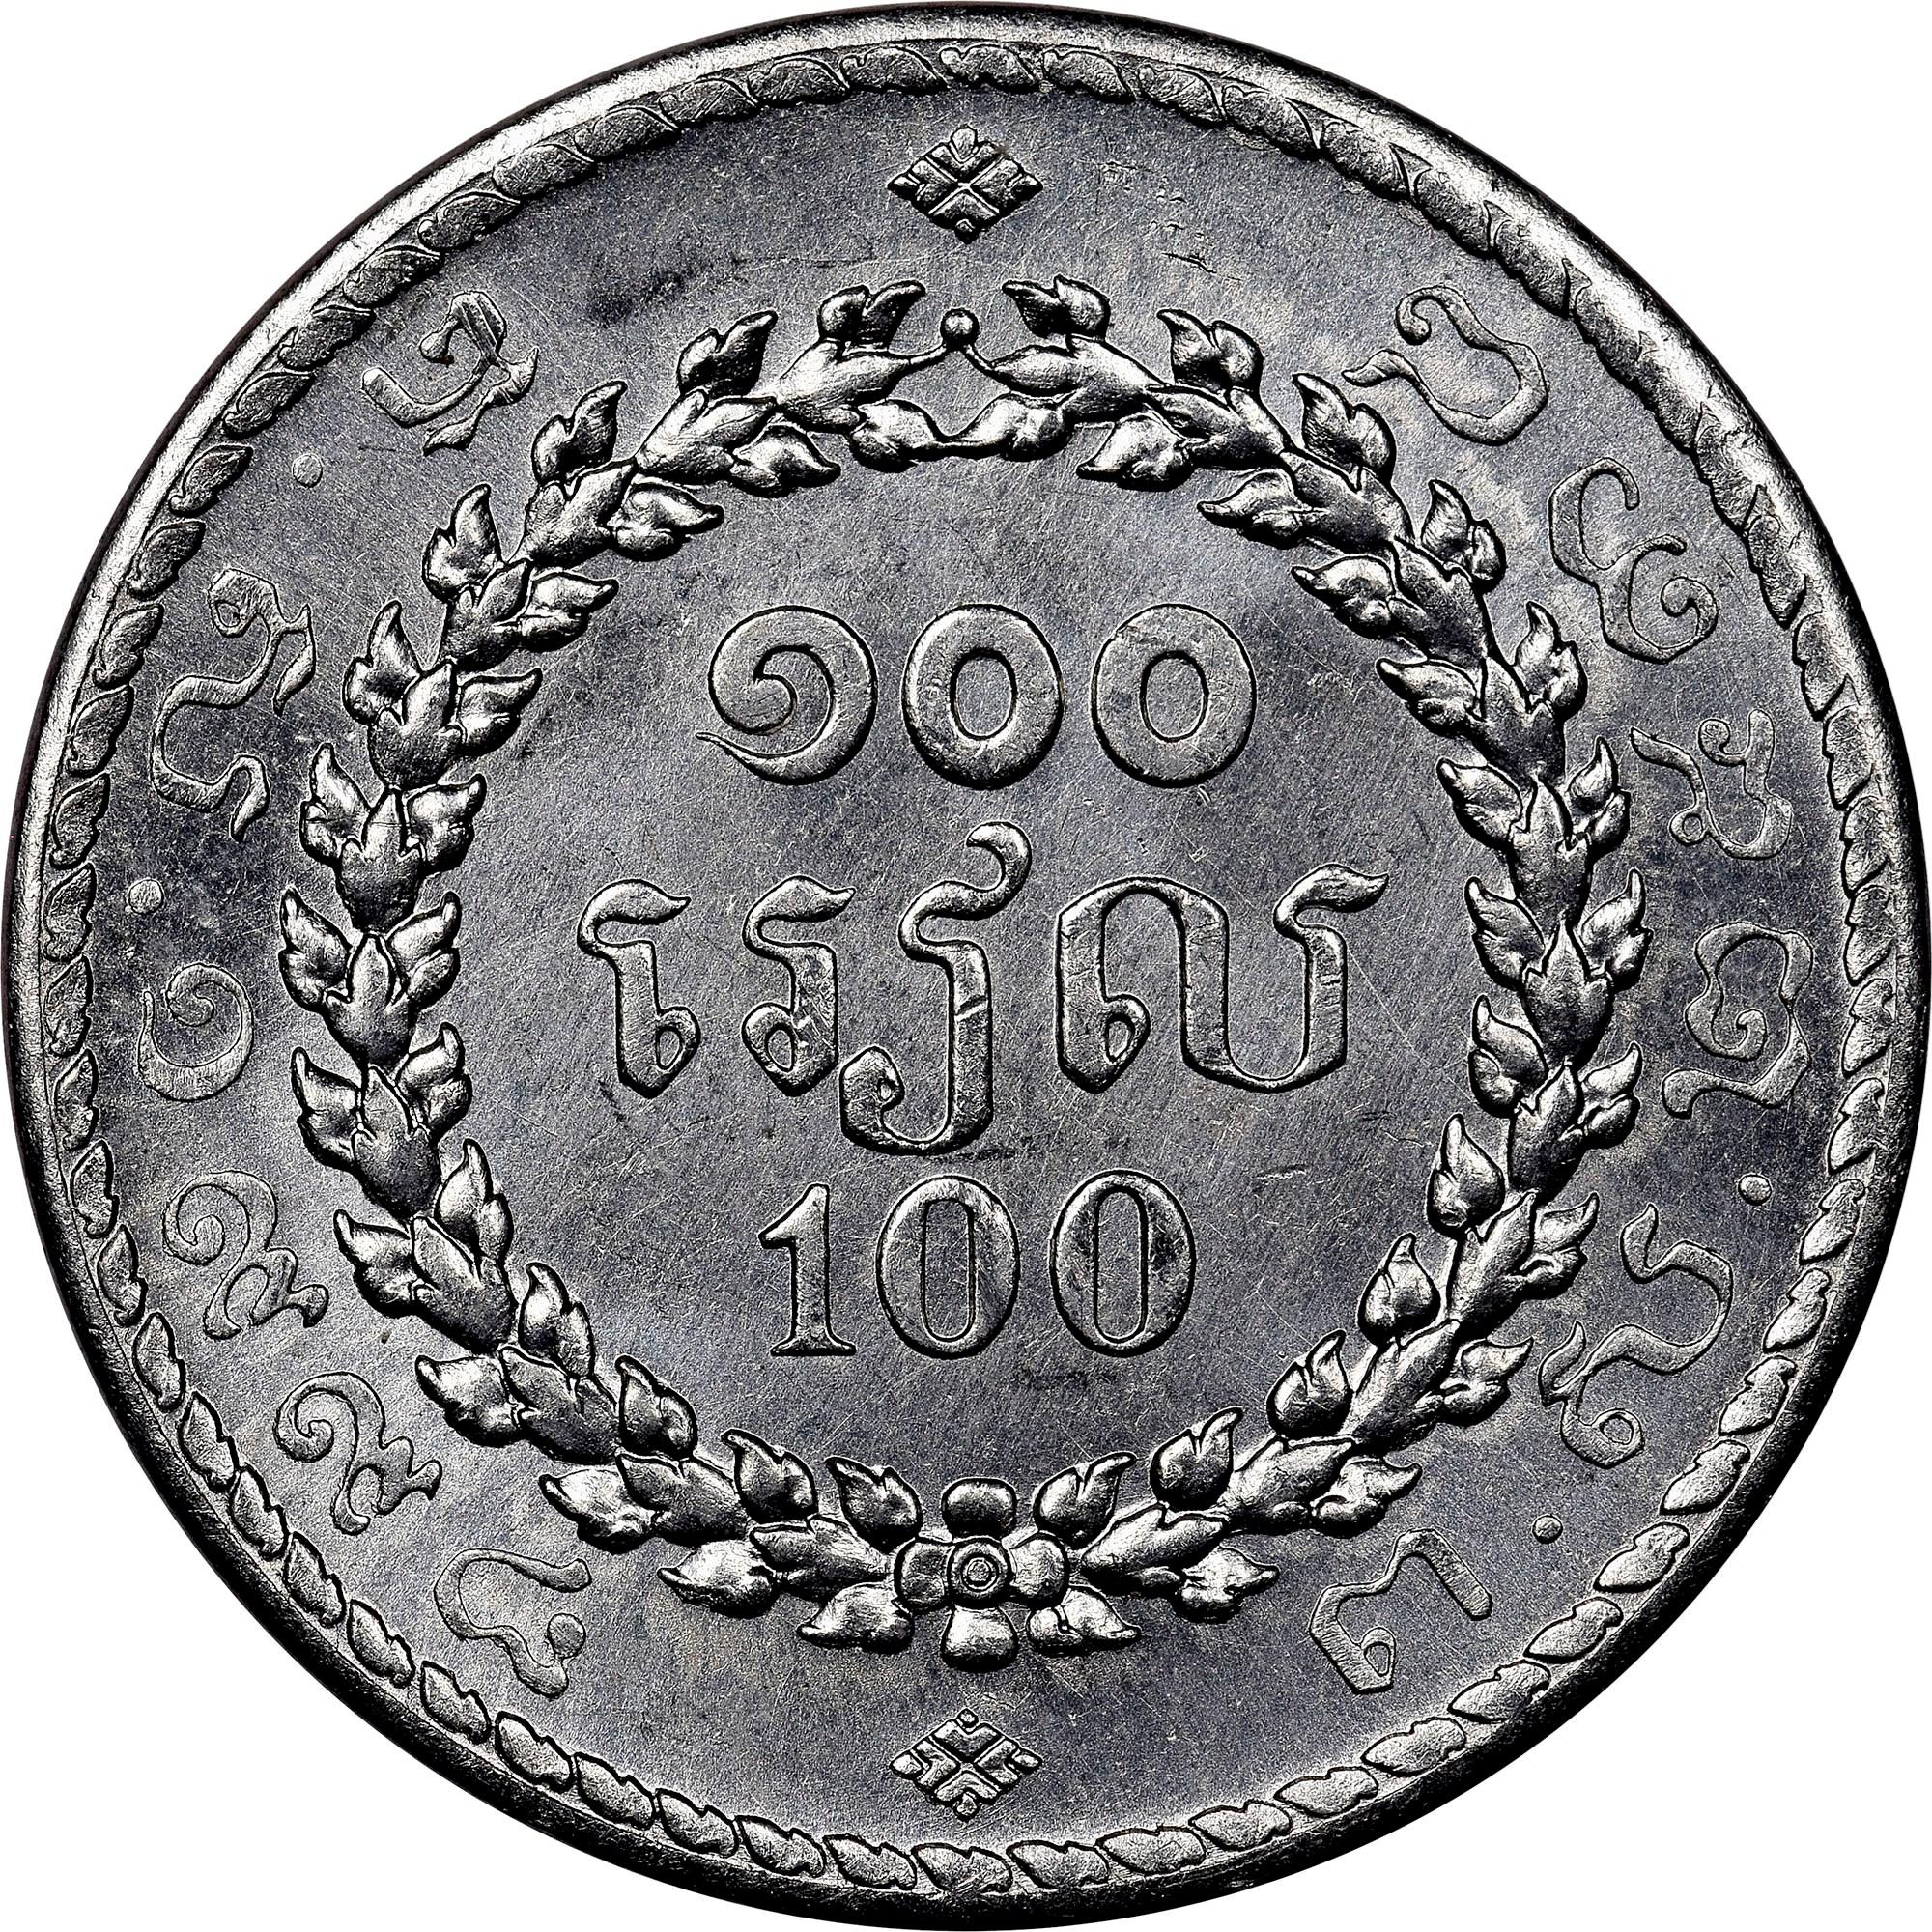 Cambodia 100 Riels reverse